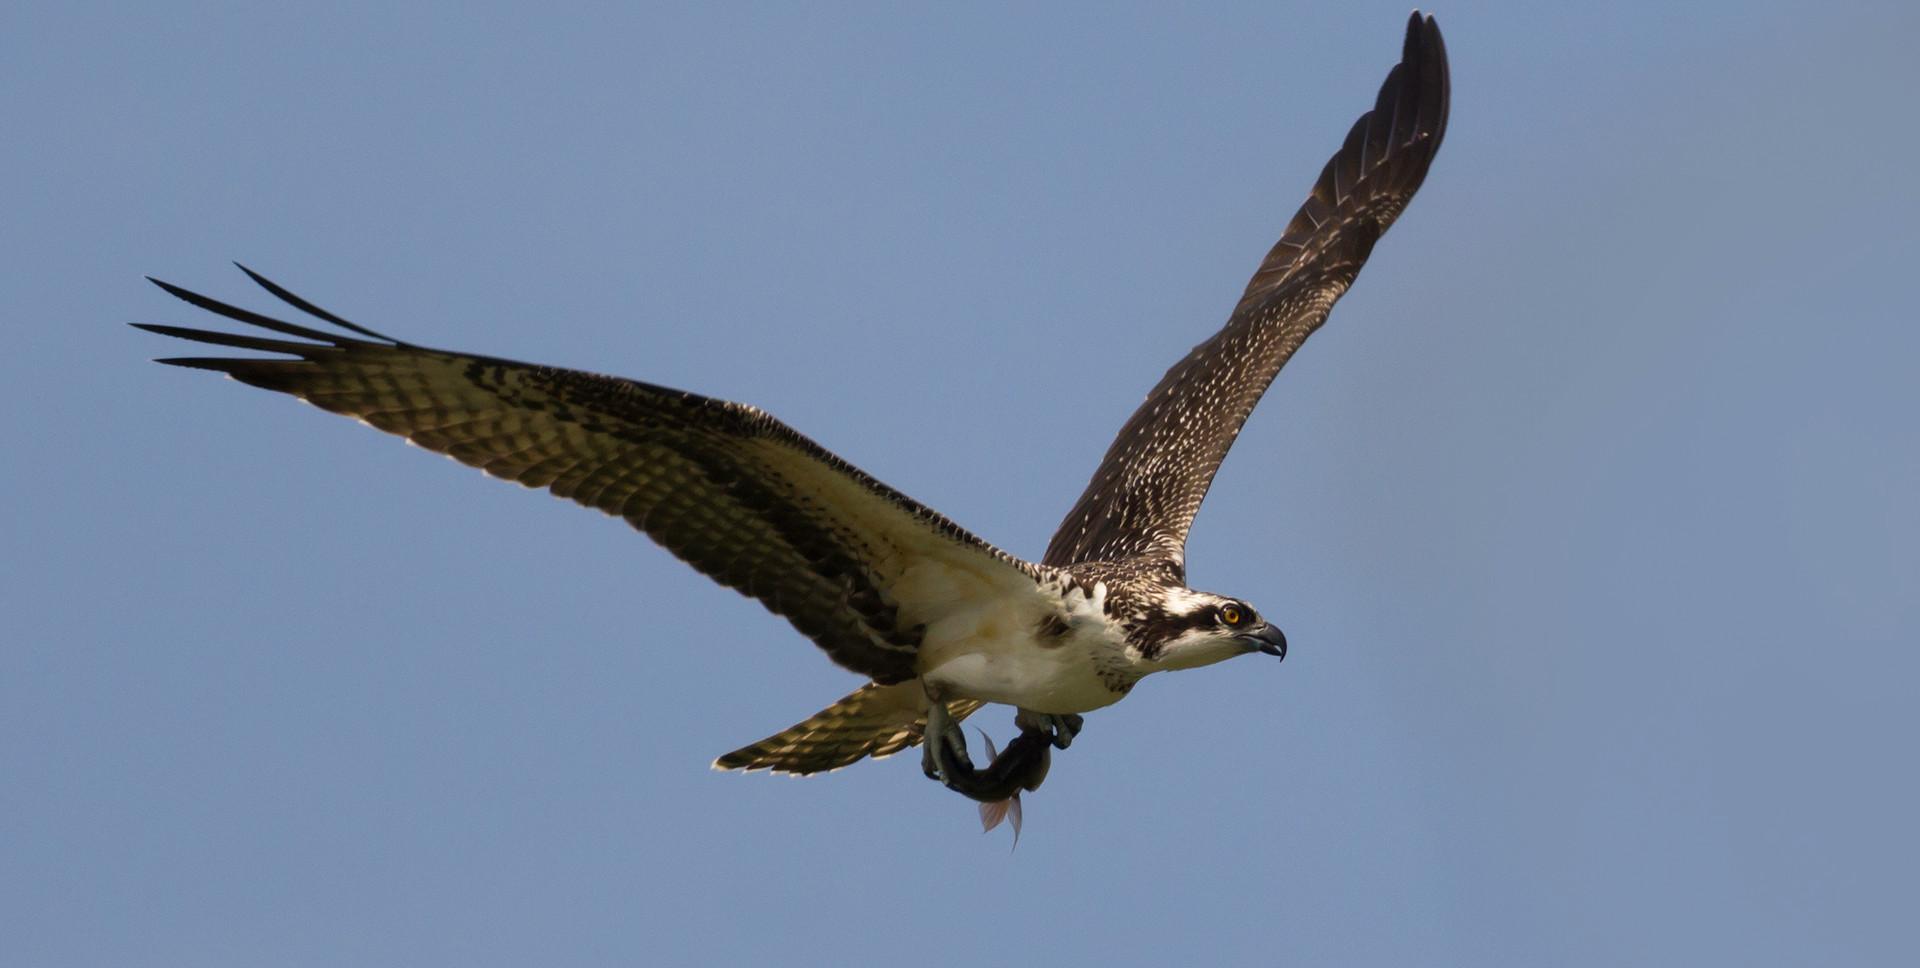 Águila pescadora (Pandion haliaetus) 2